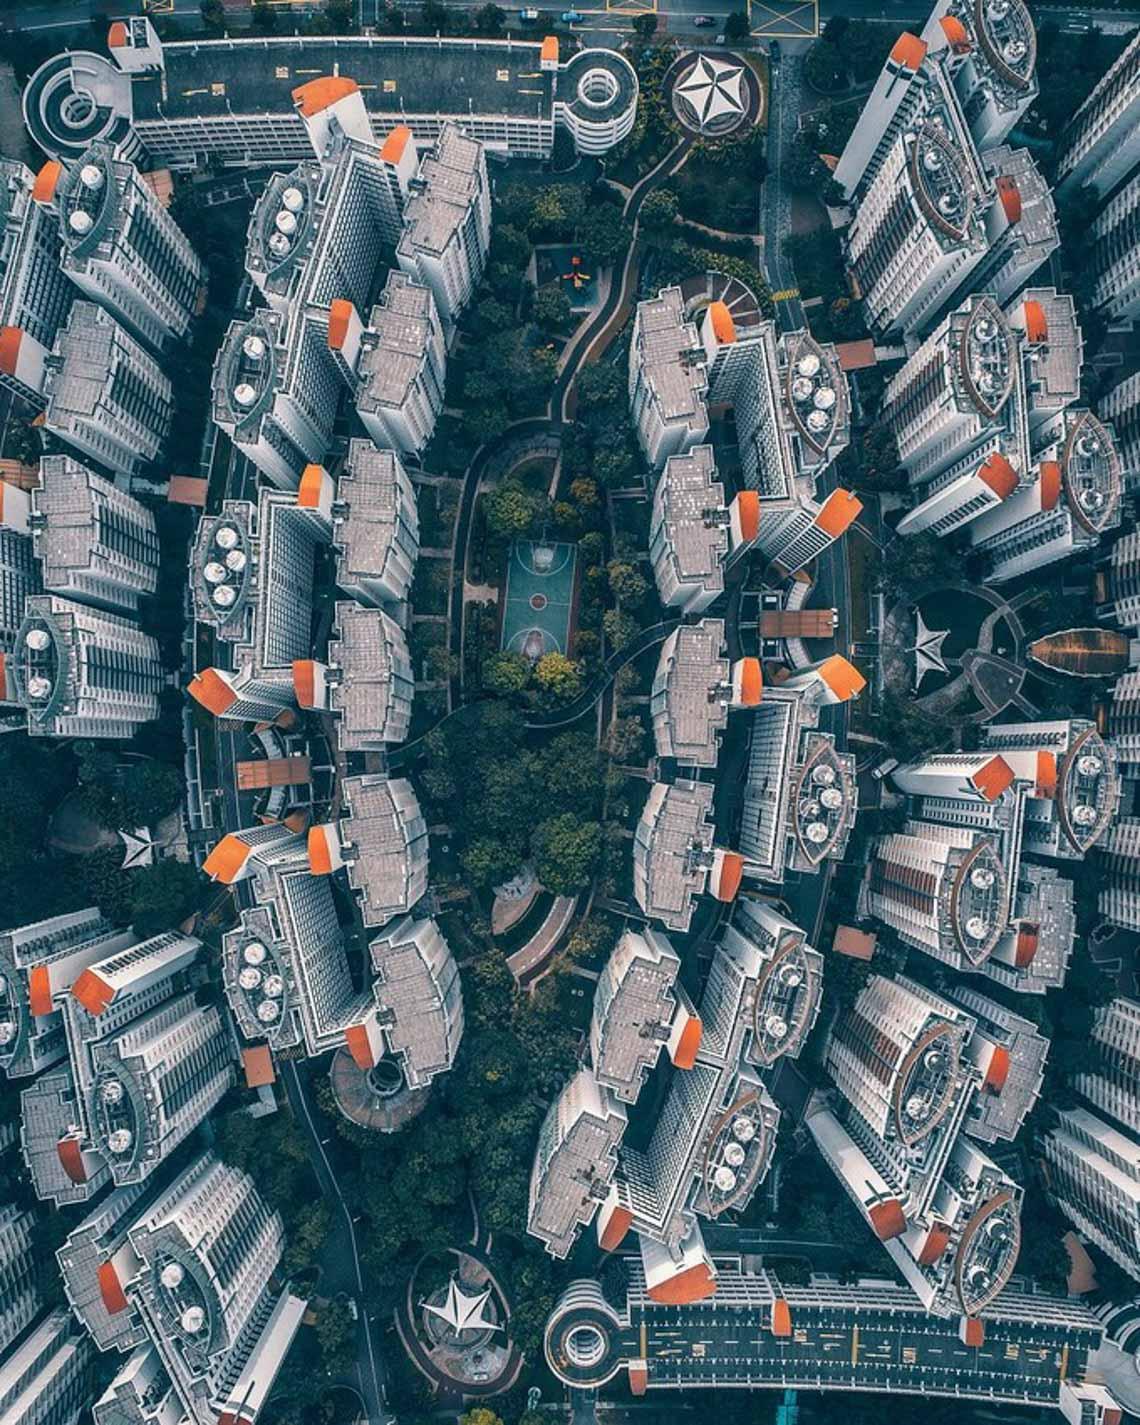 10 bức ảnh đô thị hấp dẫn nhất -7